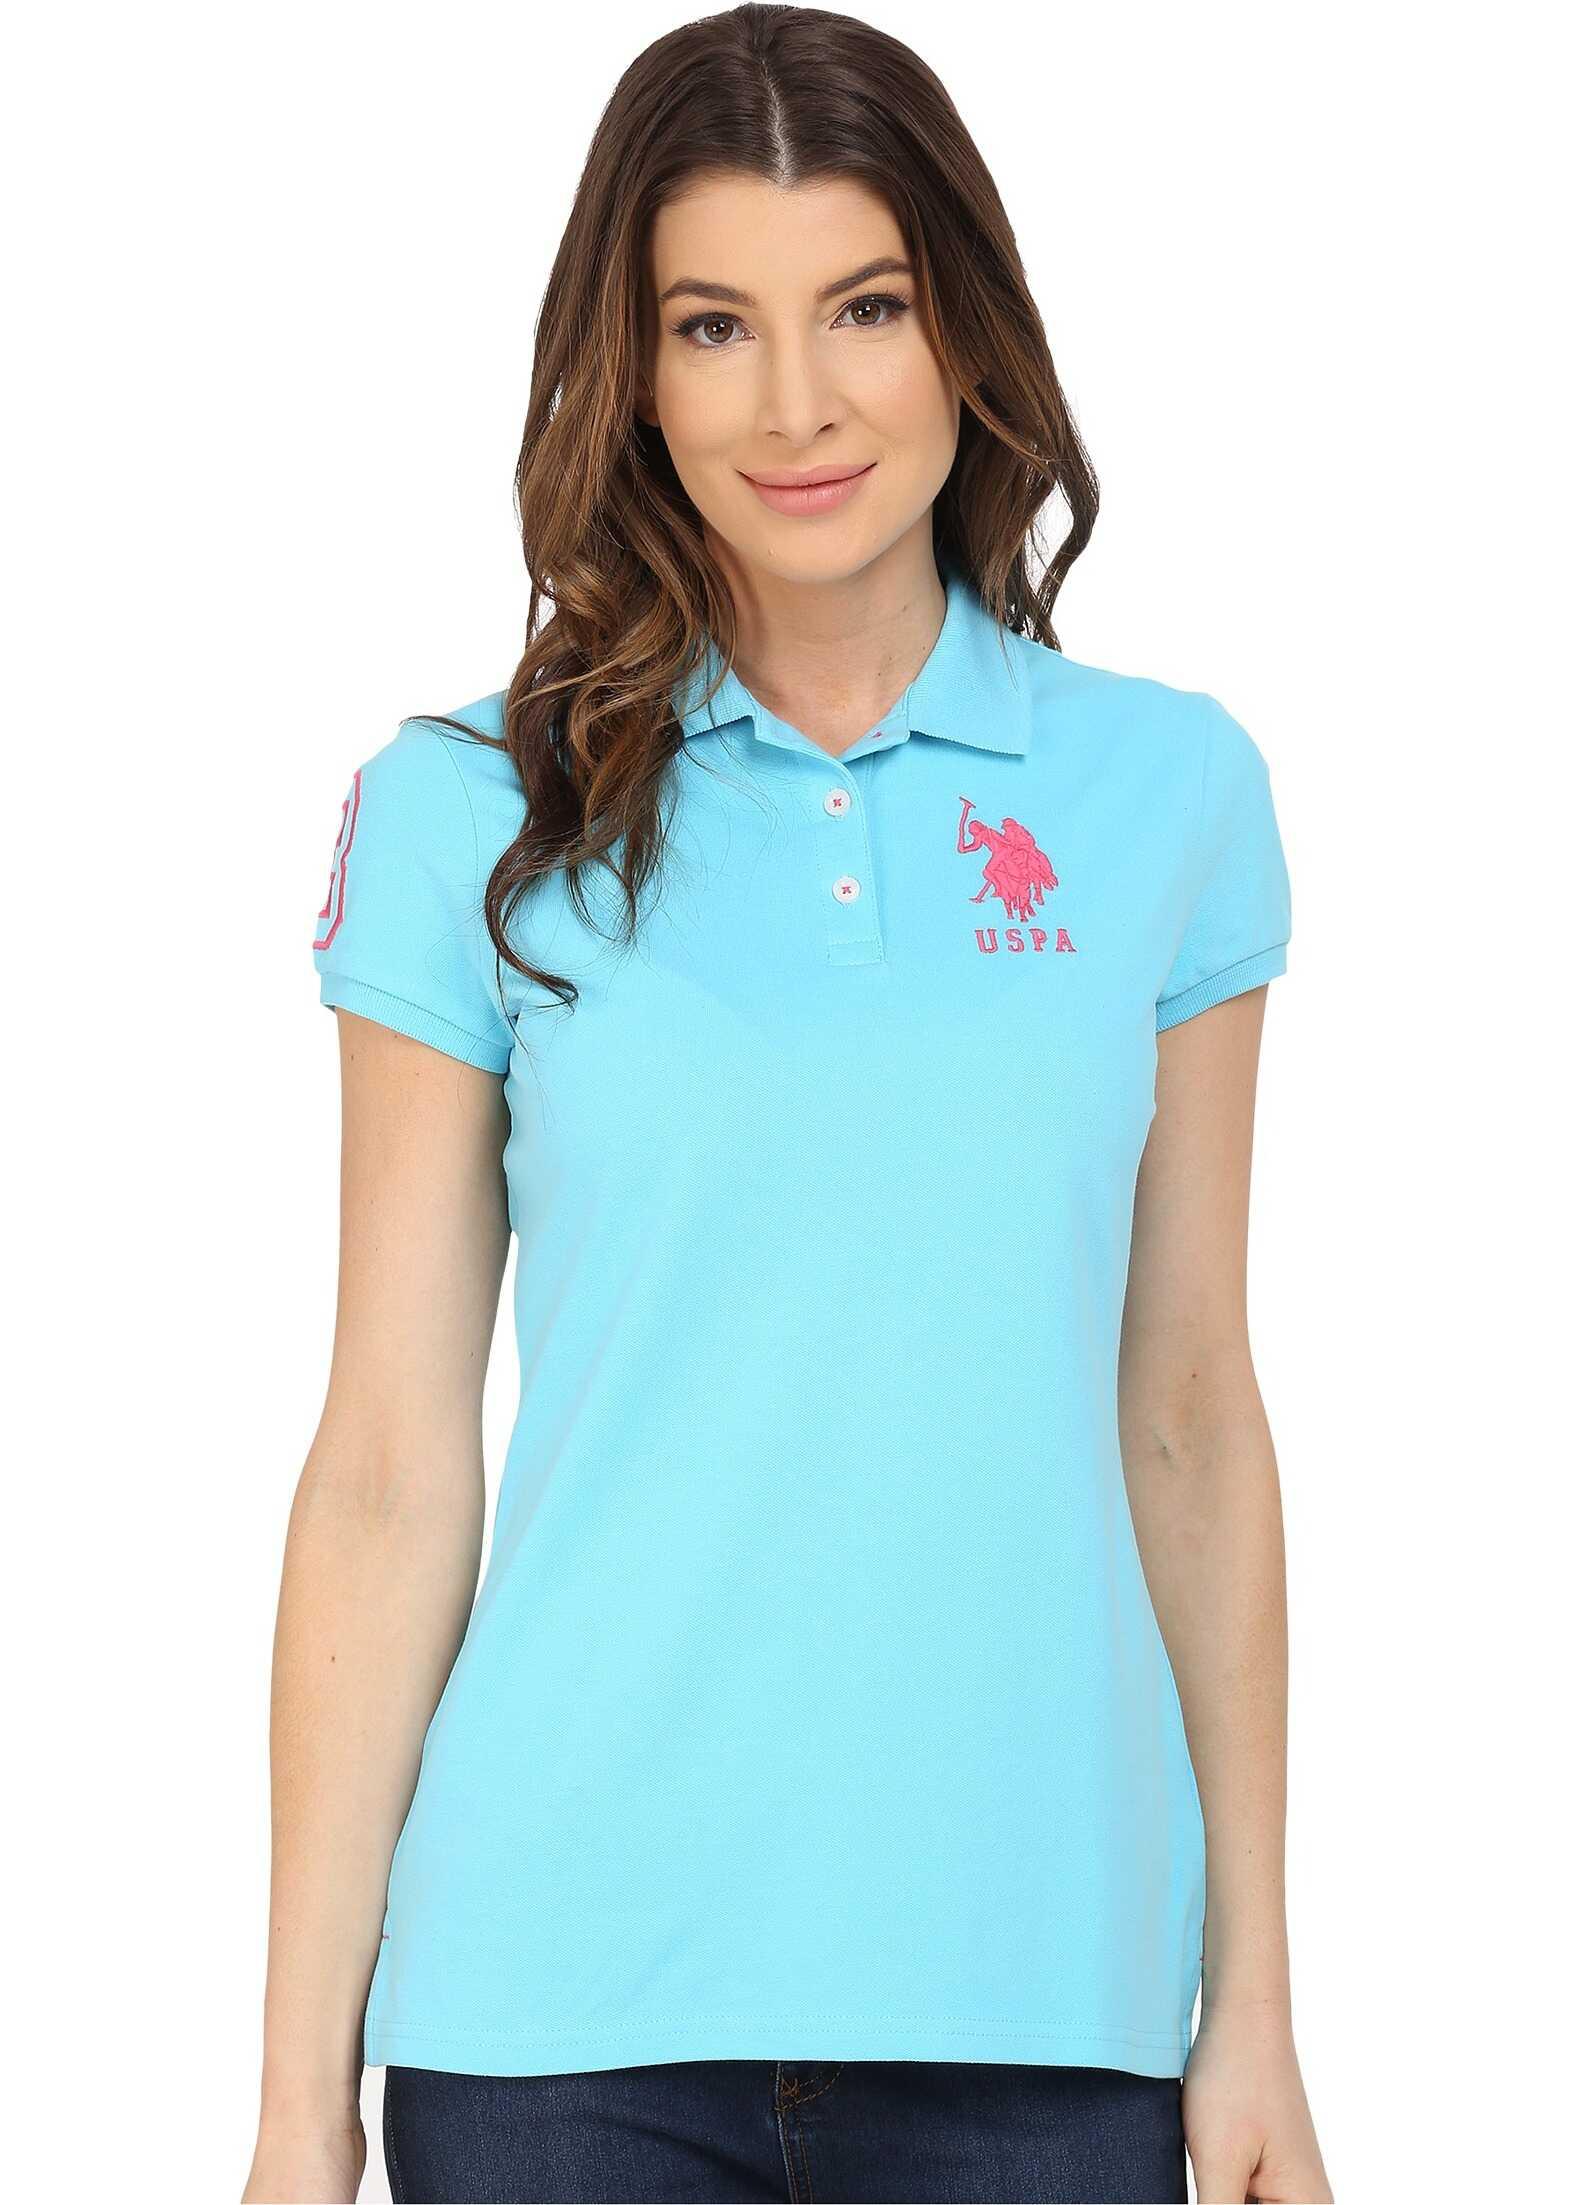 U.S. POLO ASSN. Neon Logos Short Sleeve Polo Shirt Bachelor Button